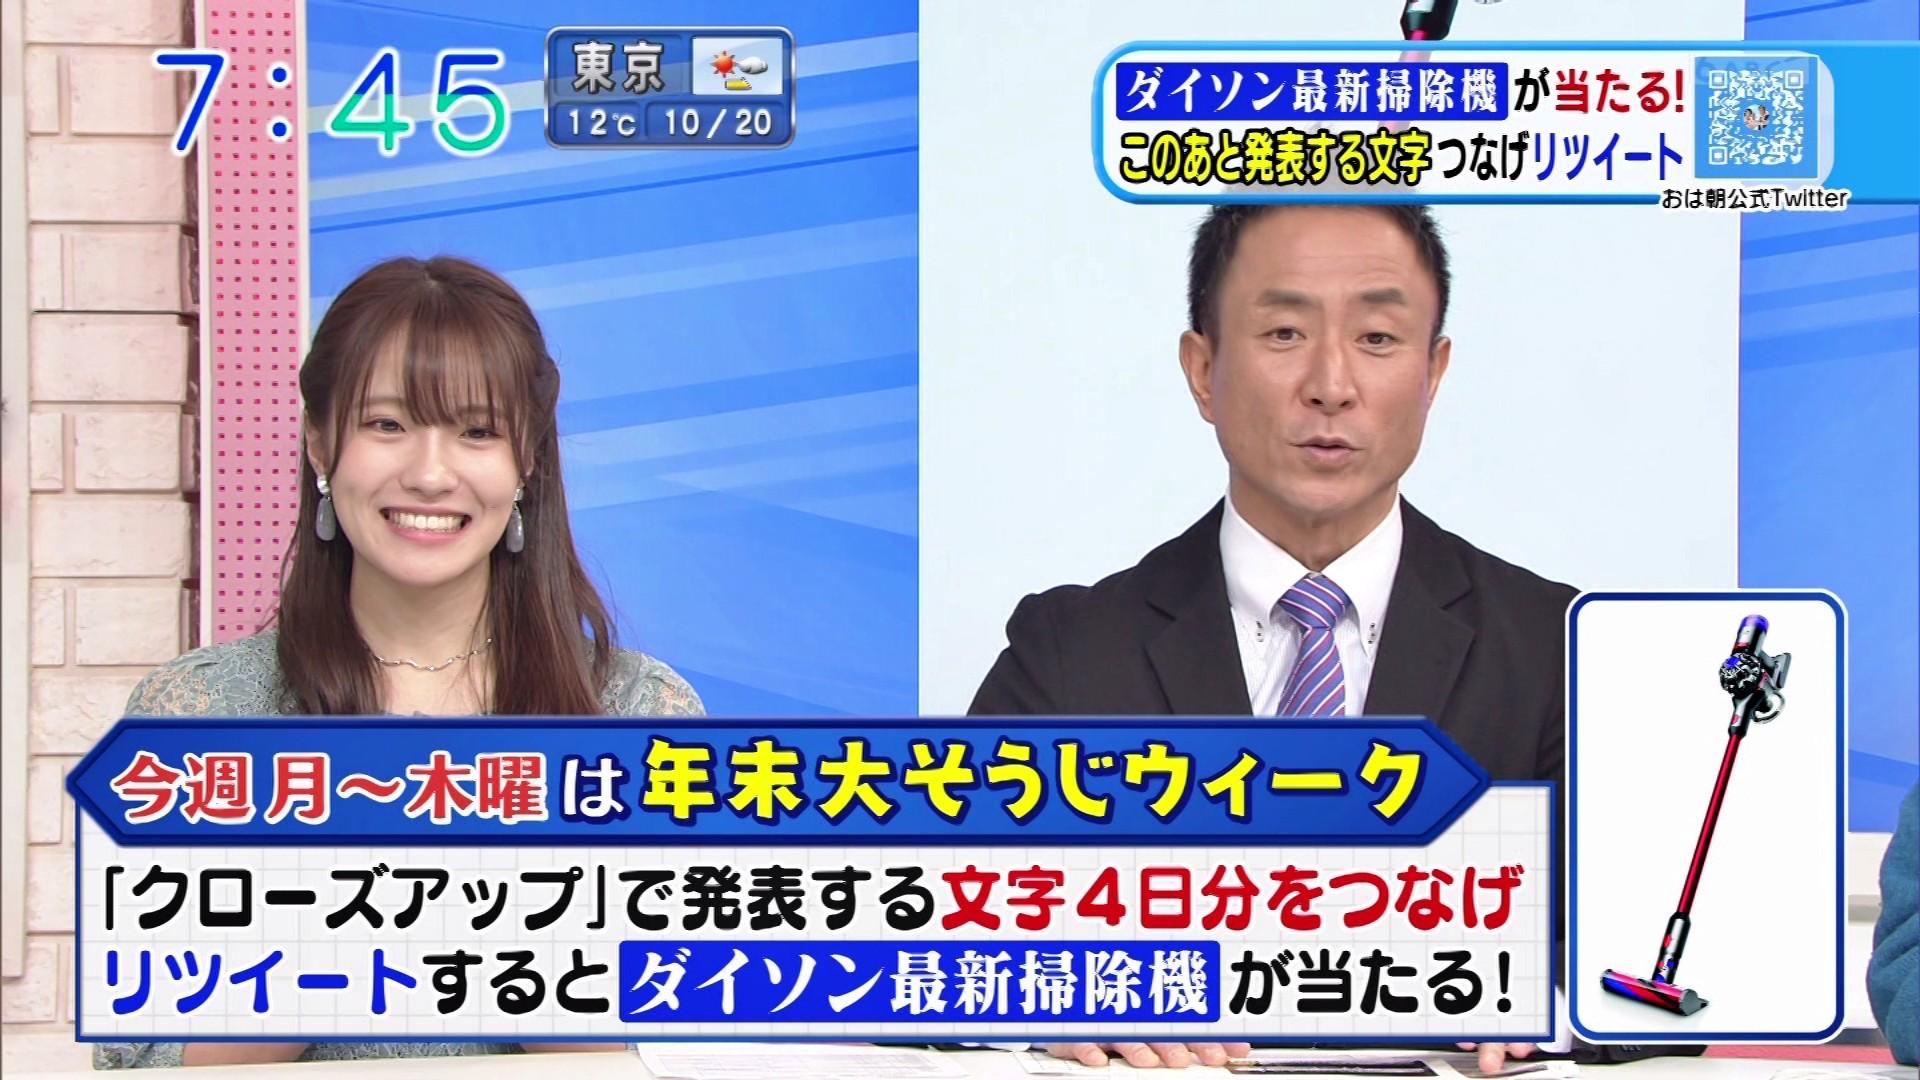 【小嶋花梨】こじりんが出演した12月9日に放送された「おはよう朝日です」の画像。